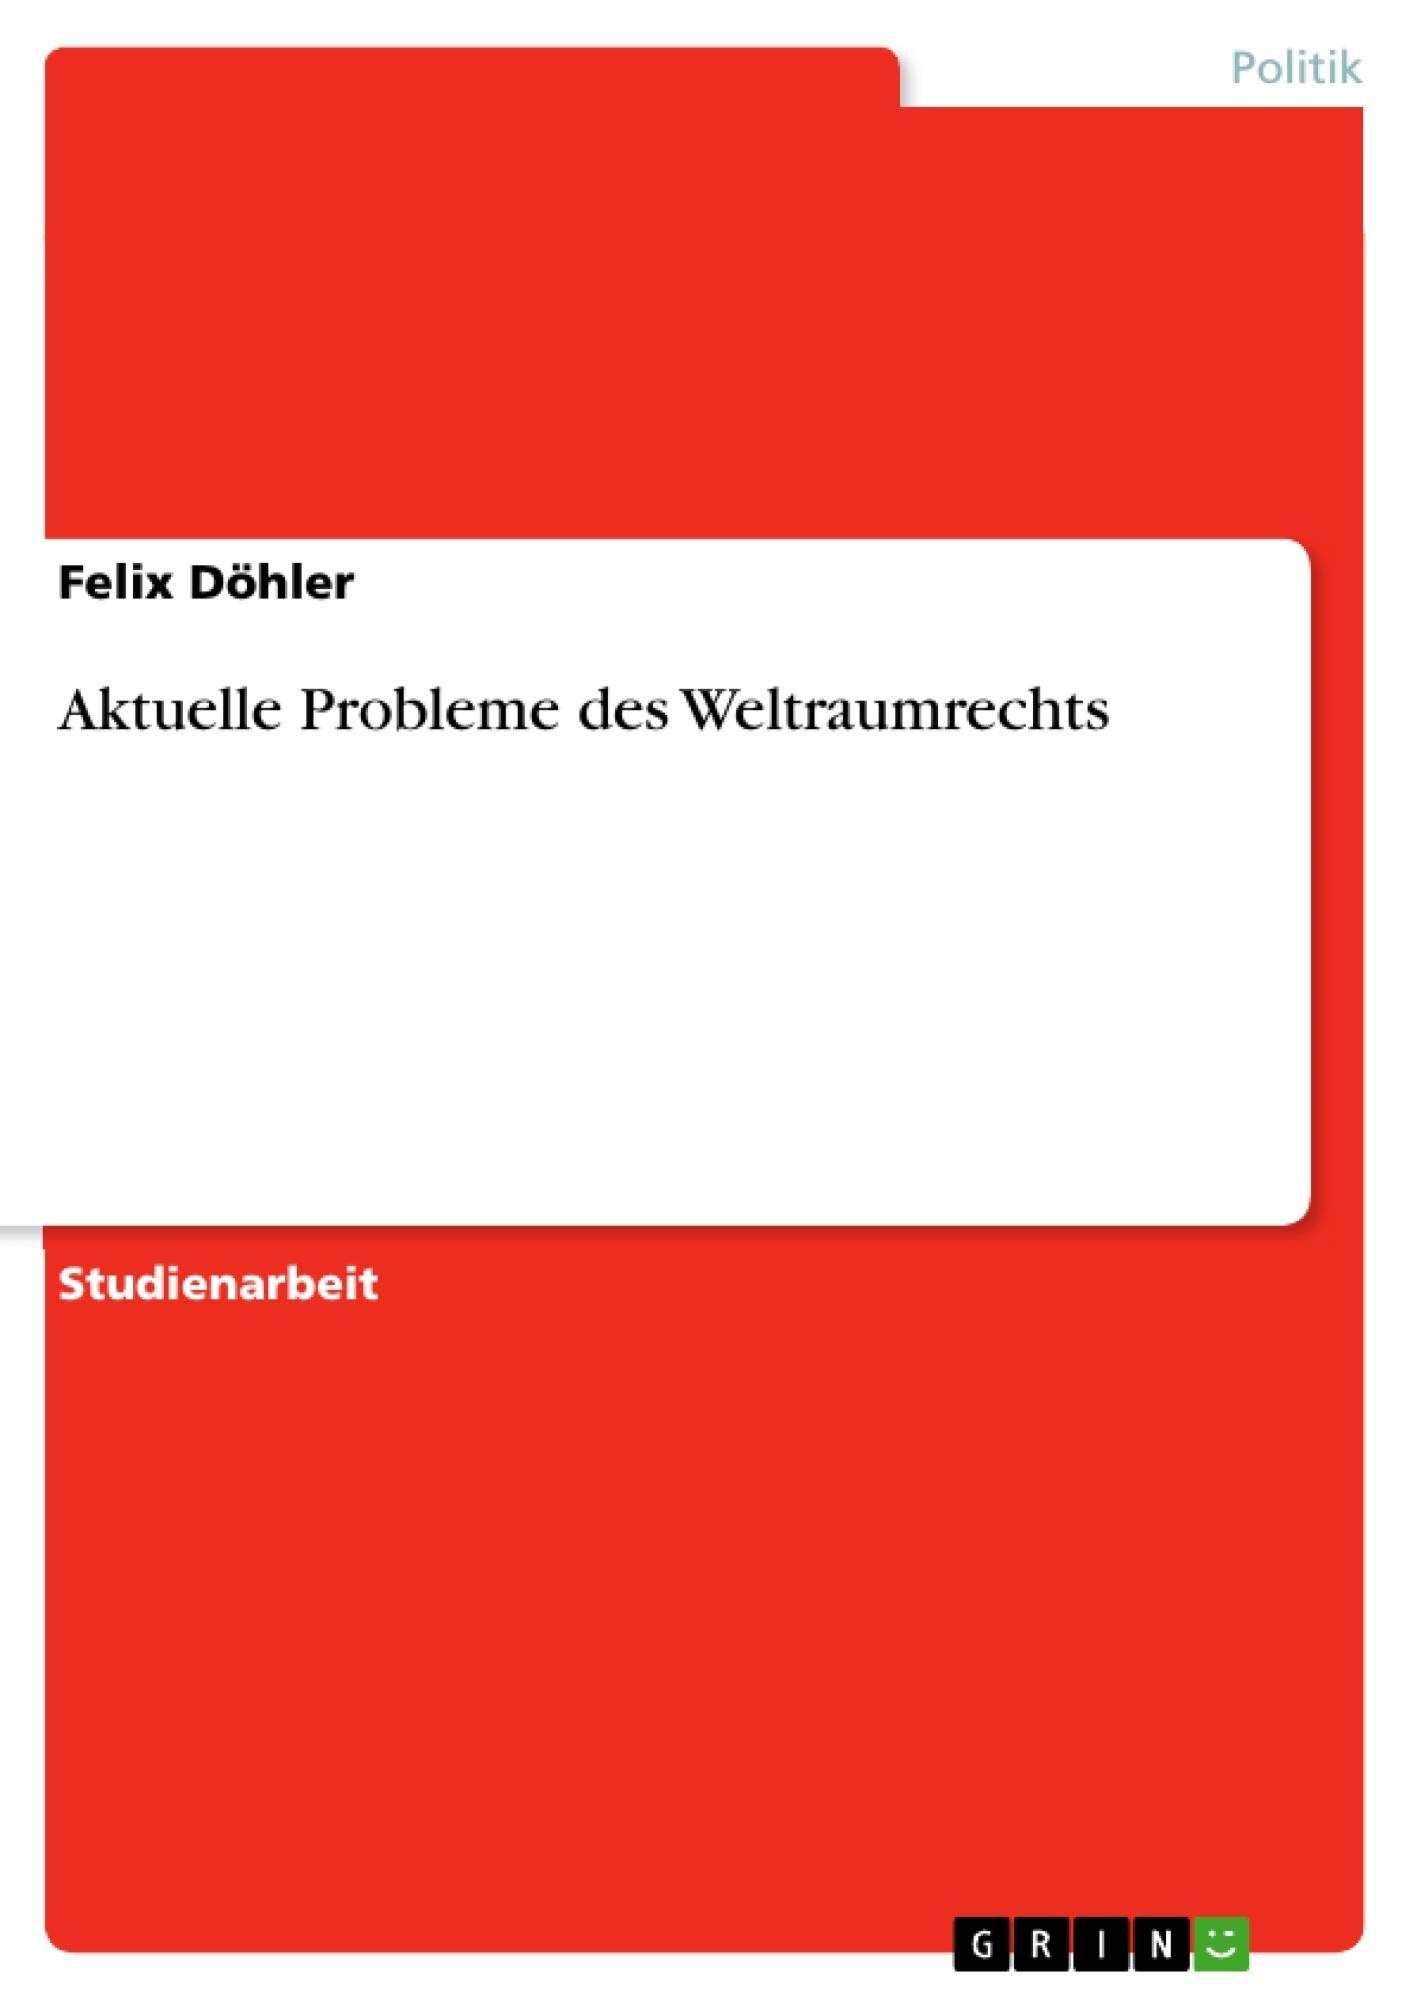 Titel: Aktuelle Probleme des Weltraumrechts